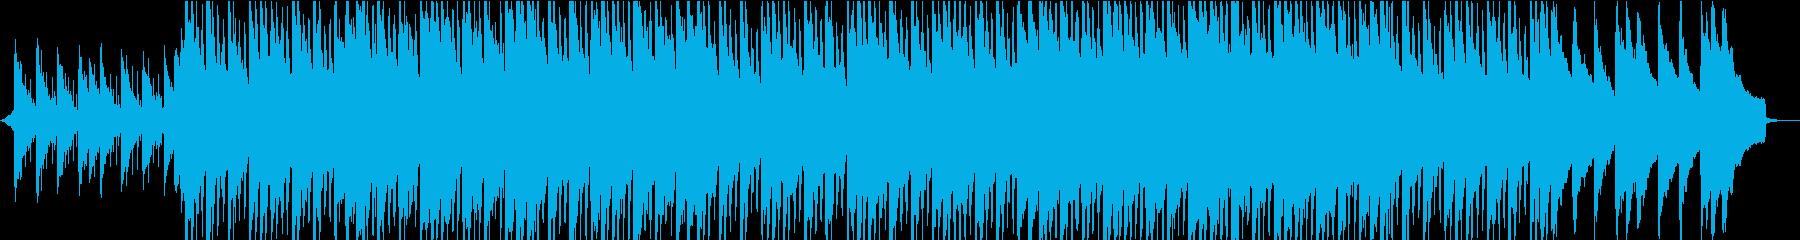 オシャレ・エモーショナルな映像用音楽の再生済みの波形